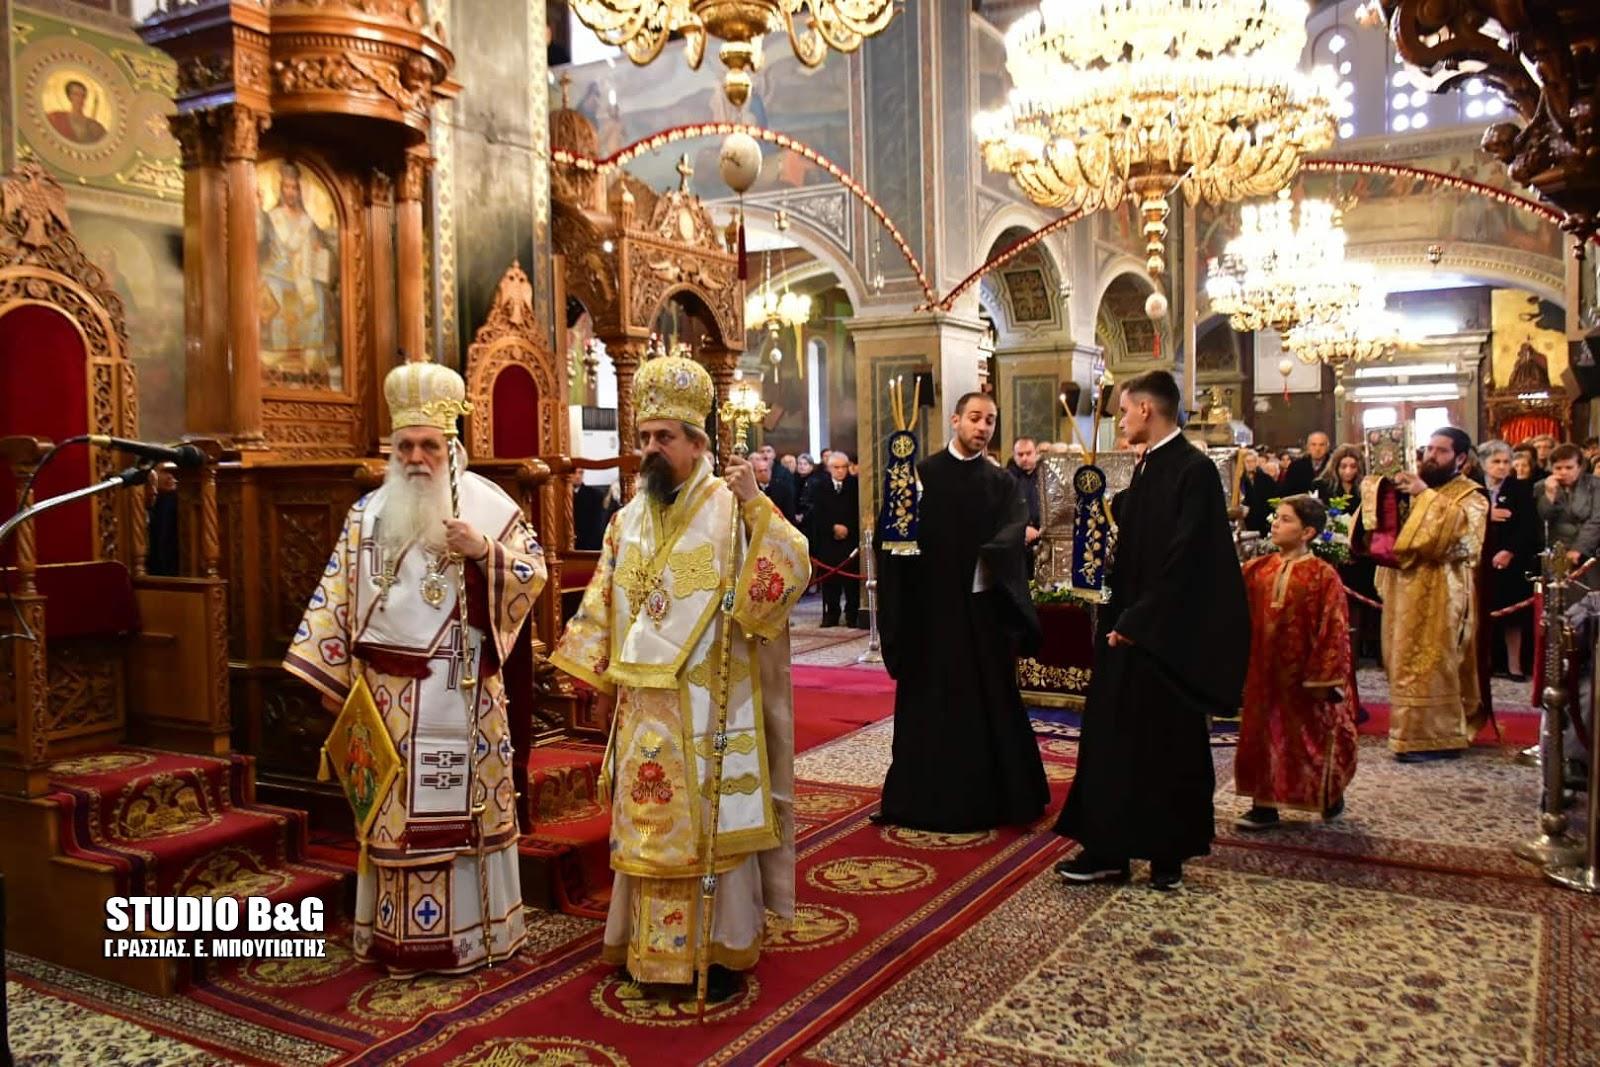 Το Άργος εόρτασε την μετακομιδή των λειψάνων του Αγίου Πέτρου